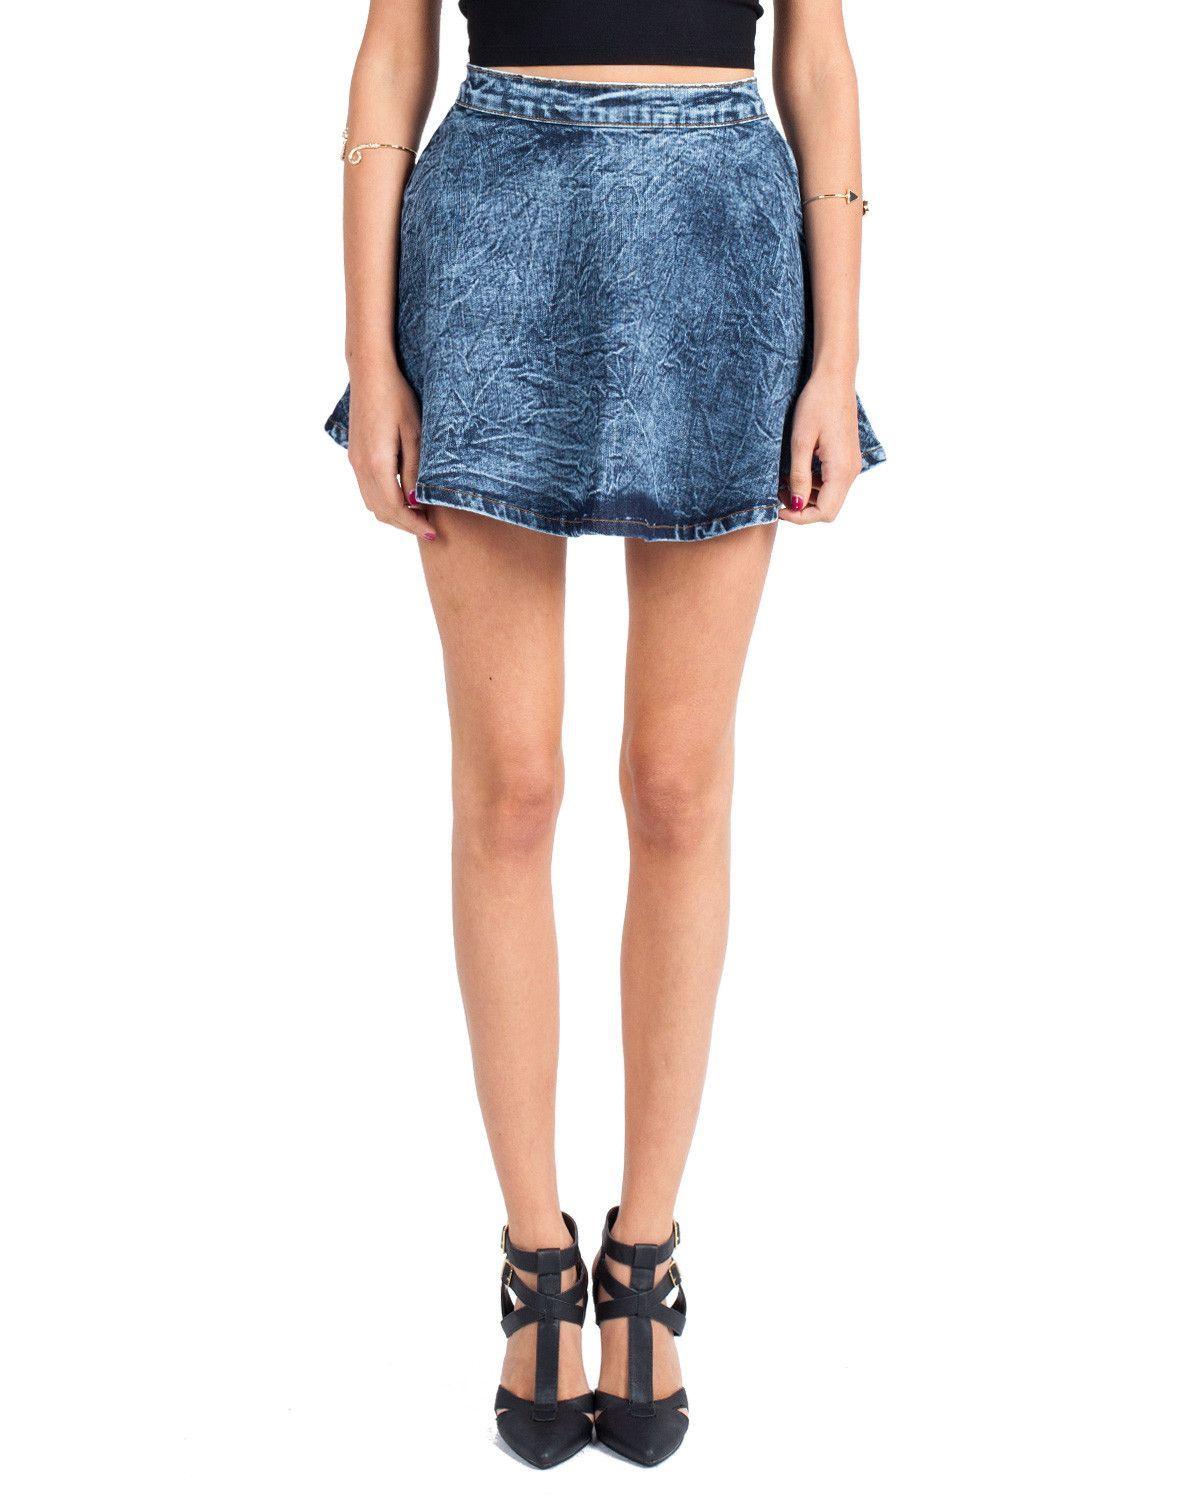 Denim Skater Skirt - Large